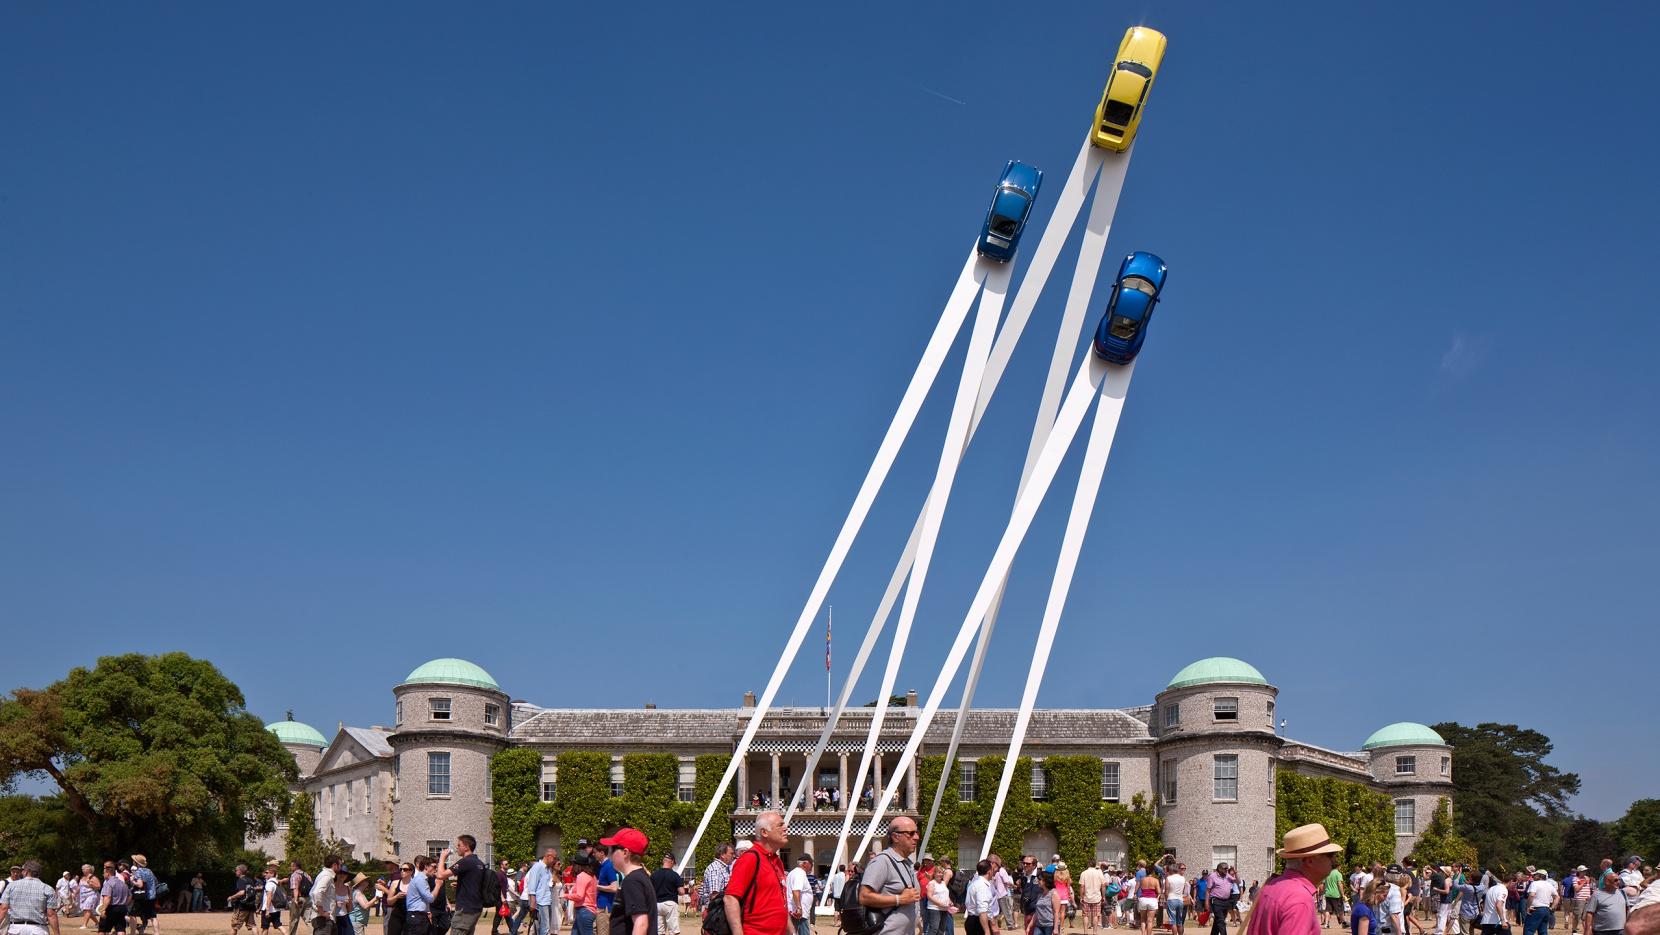 Porsche Sculpture By Gerry Judah Reaches New Heights Yatzer